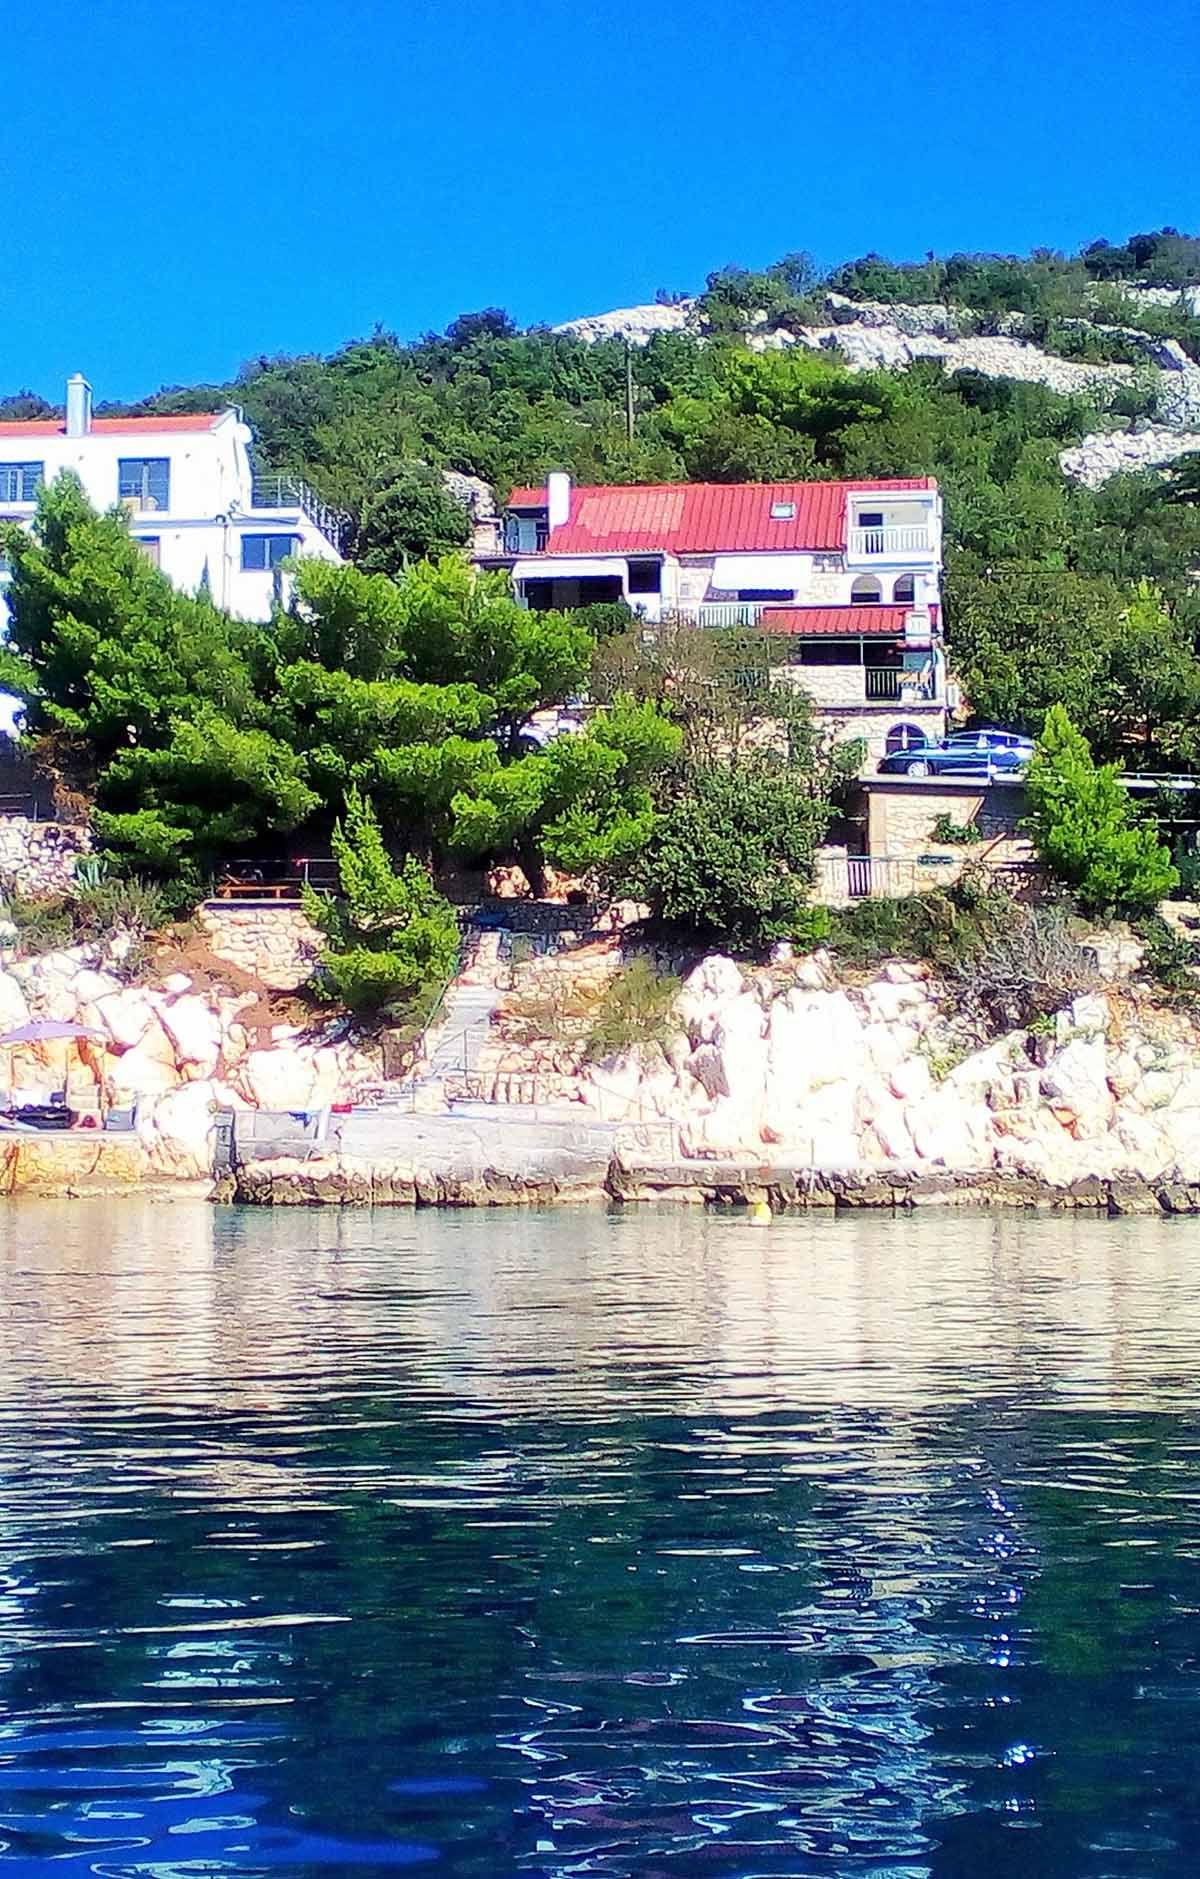 Kroatien Dreams direkt am Meer Ferienhaus kroatien am